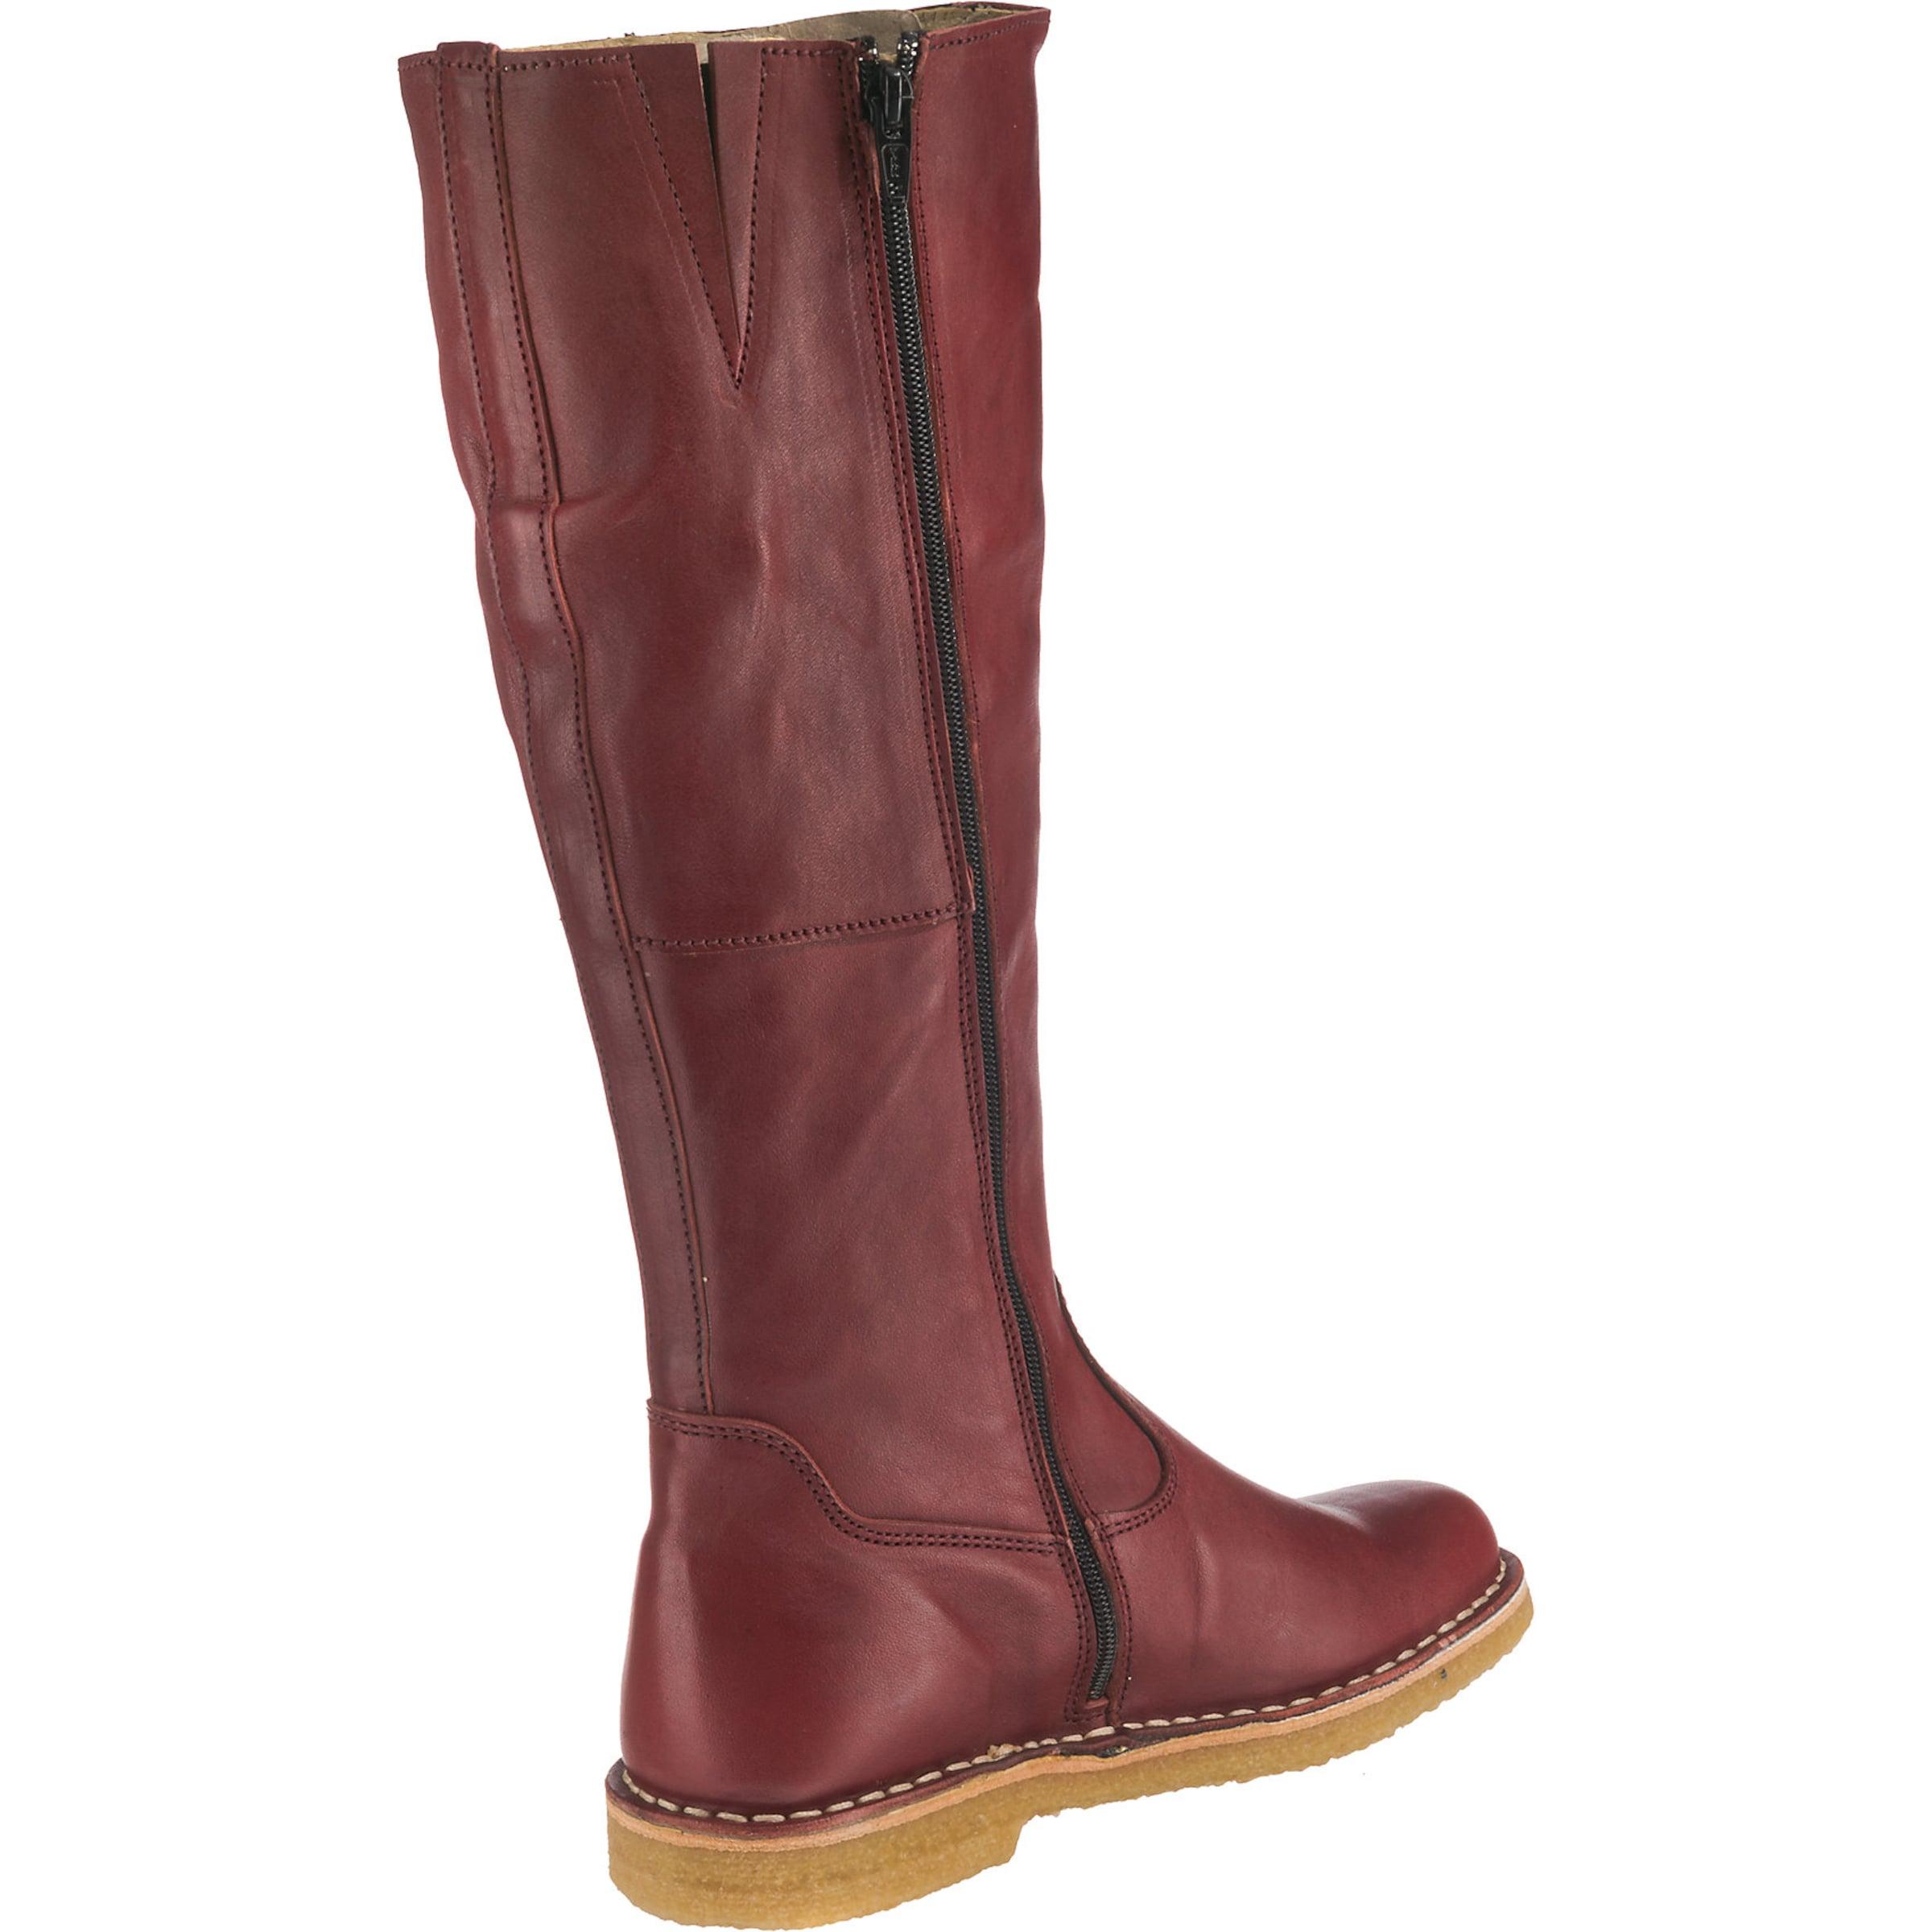 In 'josephine' Rot Stiefel Rot In Grünbein Grünbein 'josephine' Stiefel 3Sc45RLqAj